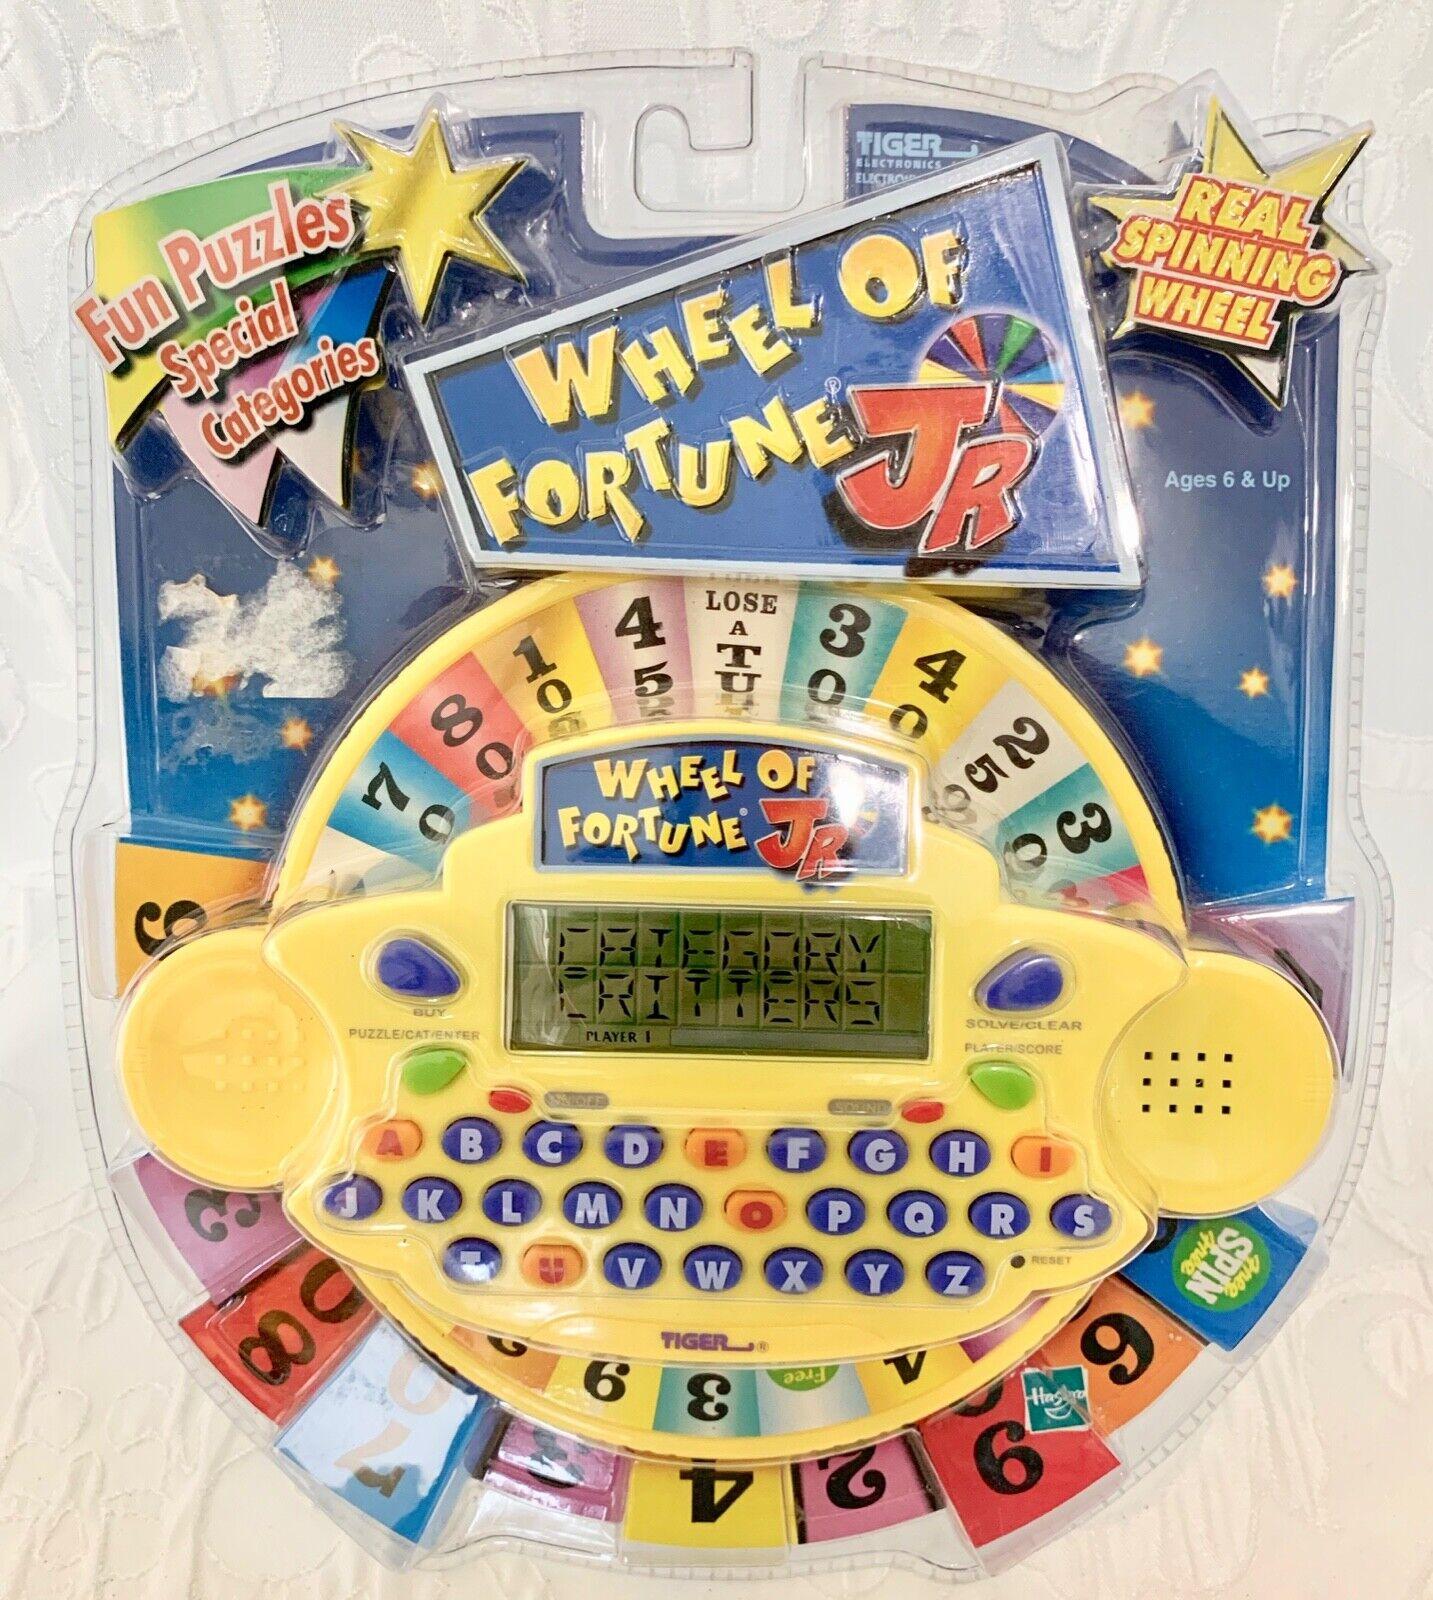 ordenar ahora Vintage Tigre Marca Rueda de la fortuna Jr. juego juego juego electrónico de mano Año. 2000  nuevo   Esperando por ti